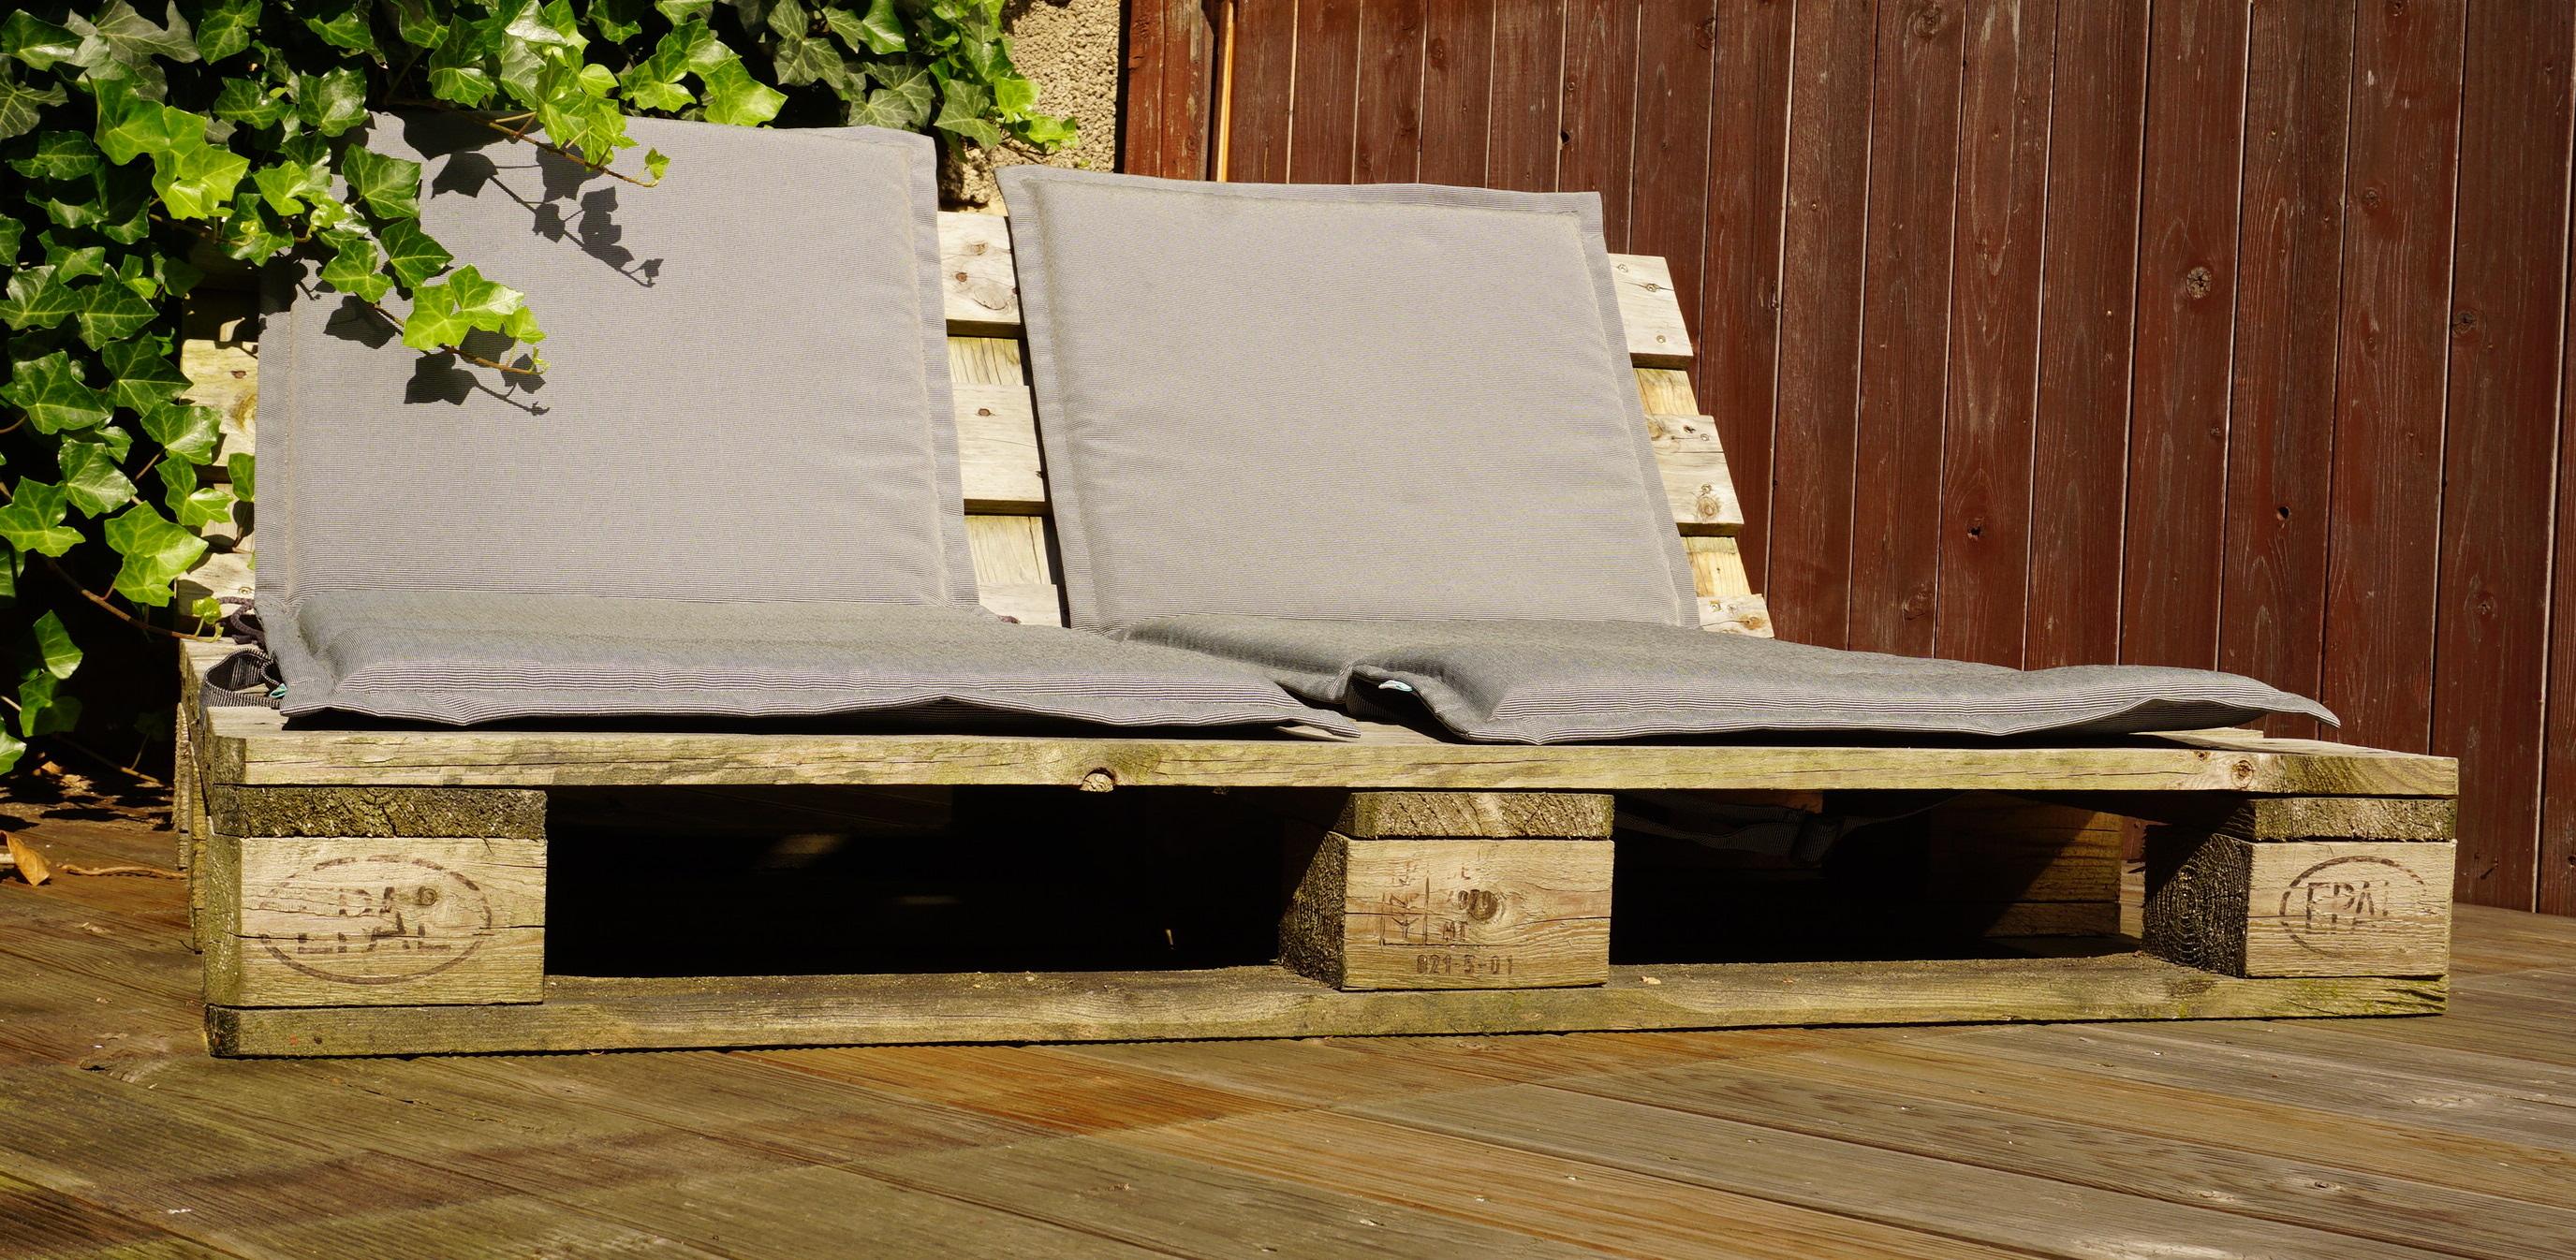 pallet lounge DIY